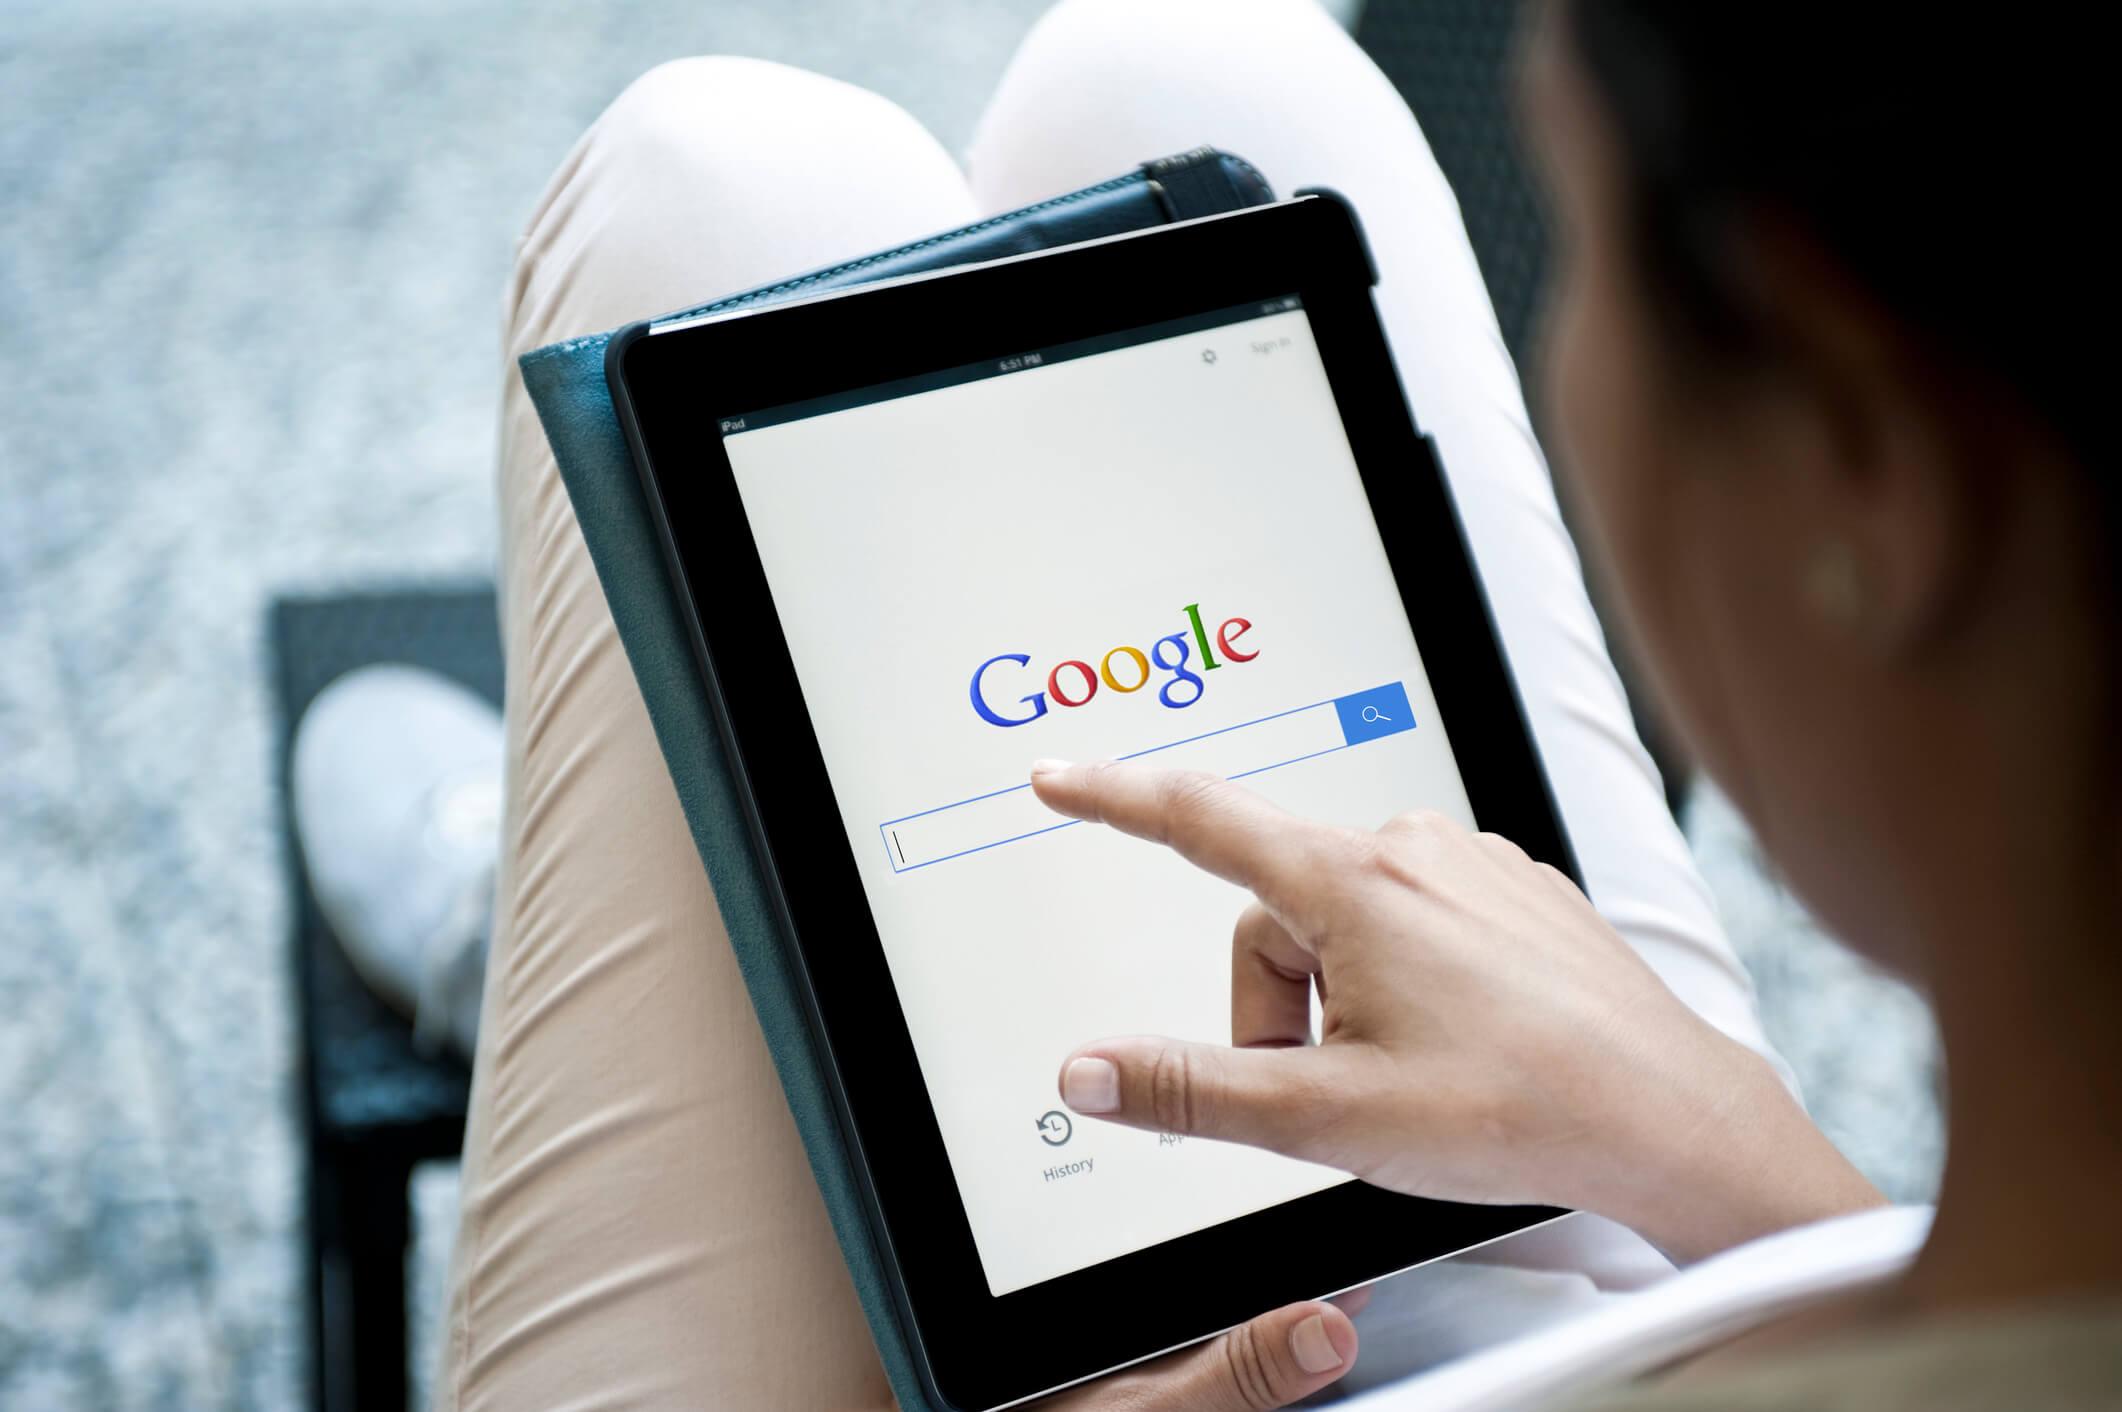 Vendas na web: saiba como divulgar no Google e aumentar o faturamento